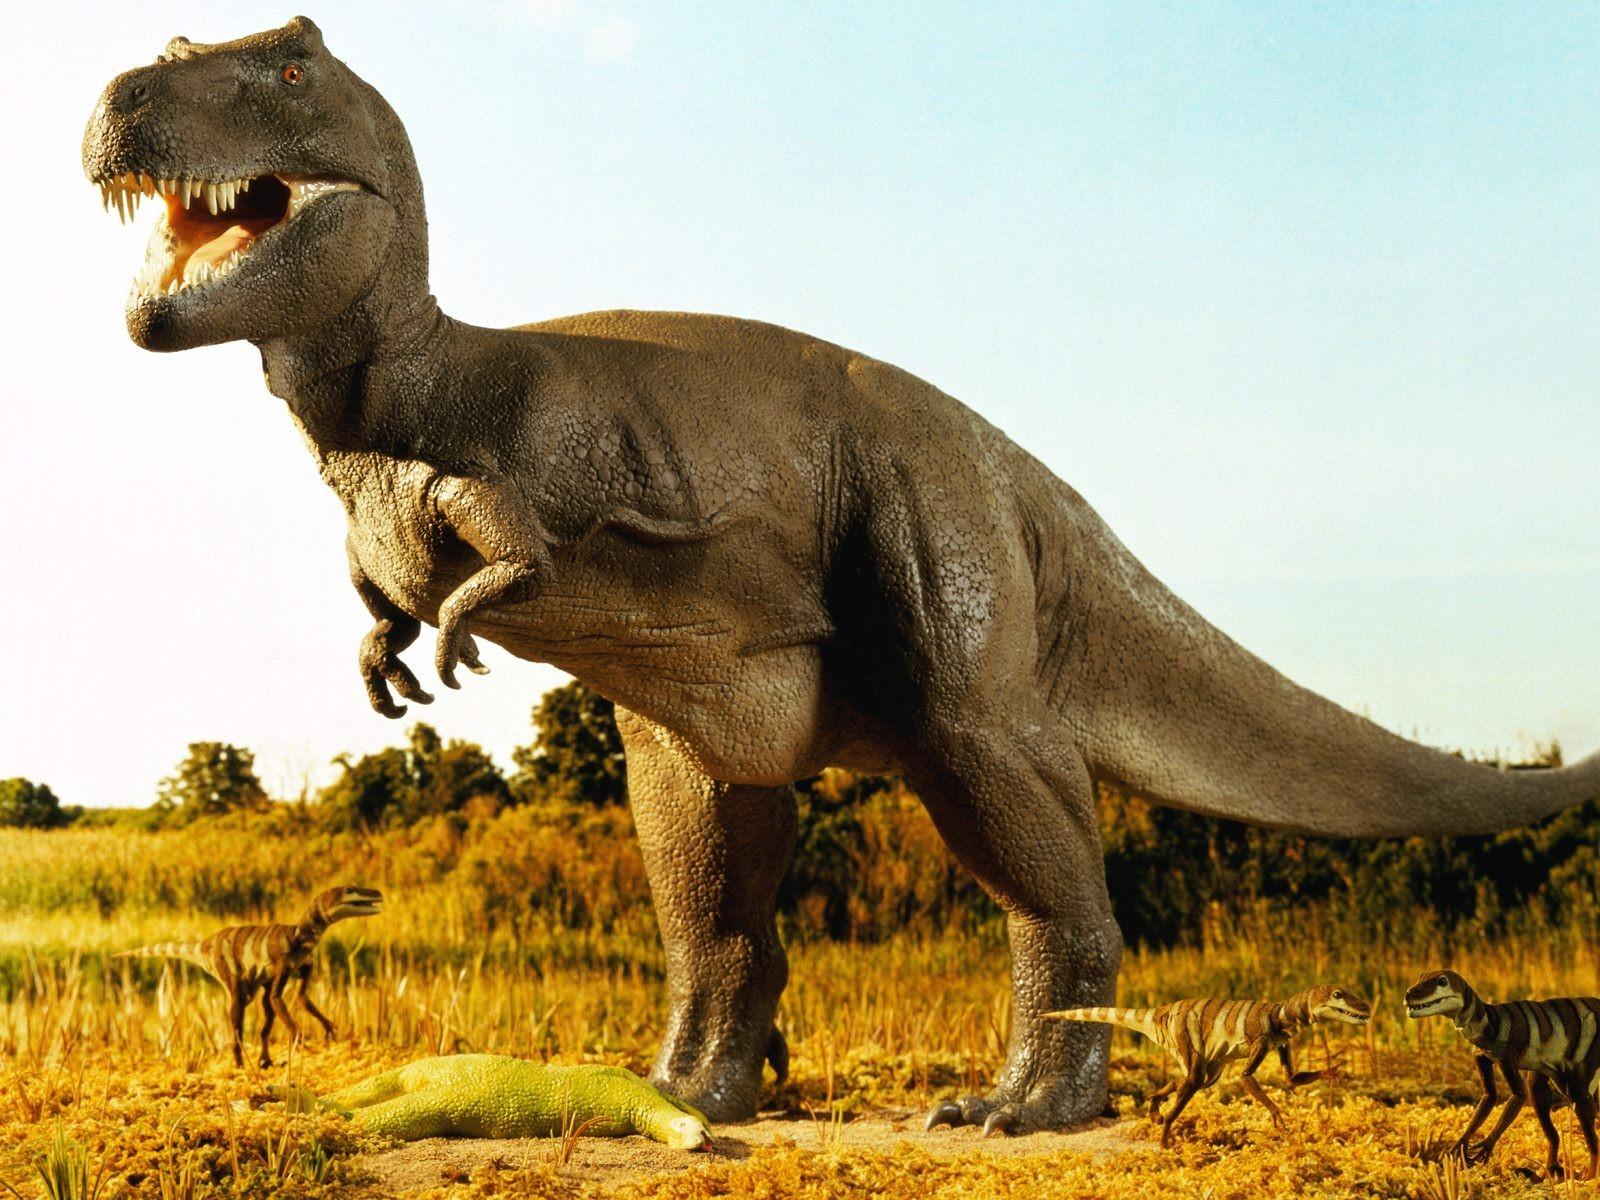 http://1.bp.blogspot.com/-zpISQWCvzdw/T6k0cd-plHI/AAAAAAAAB-A/BrvdNGVAKJY/s1600/dinosaurs-wallpaper-18.jpg